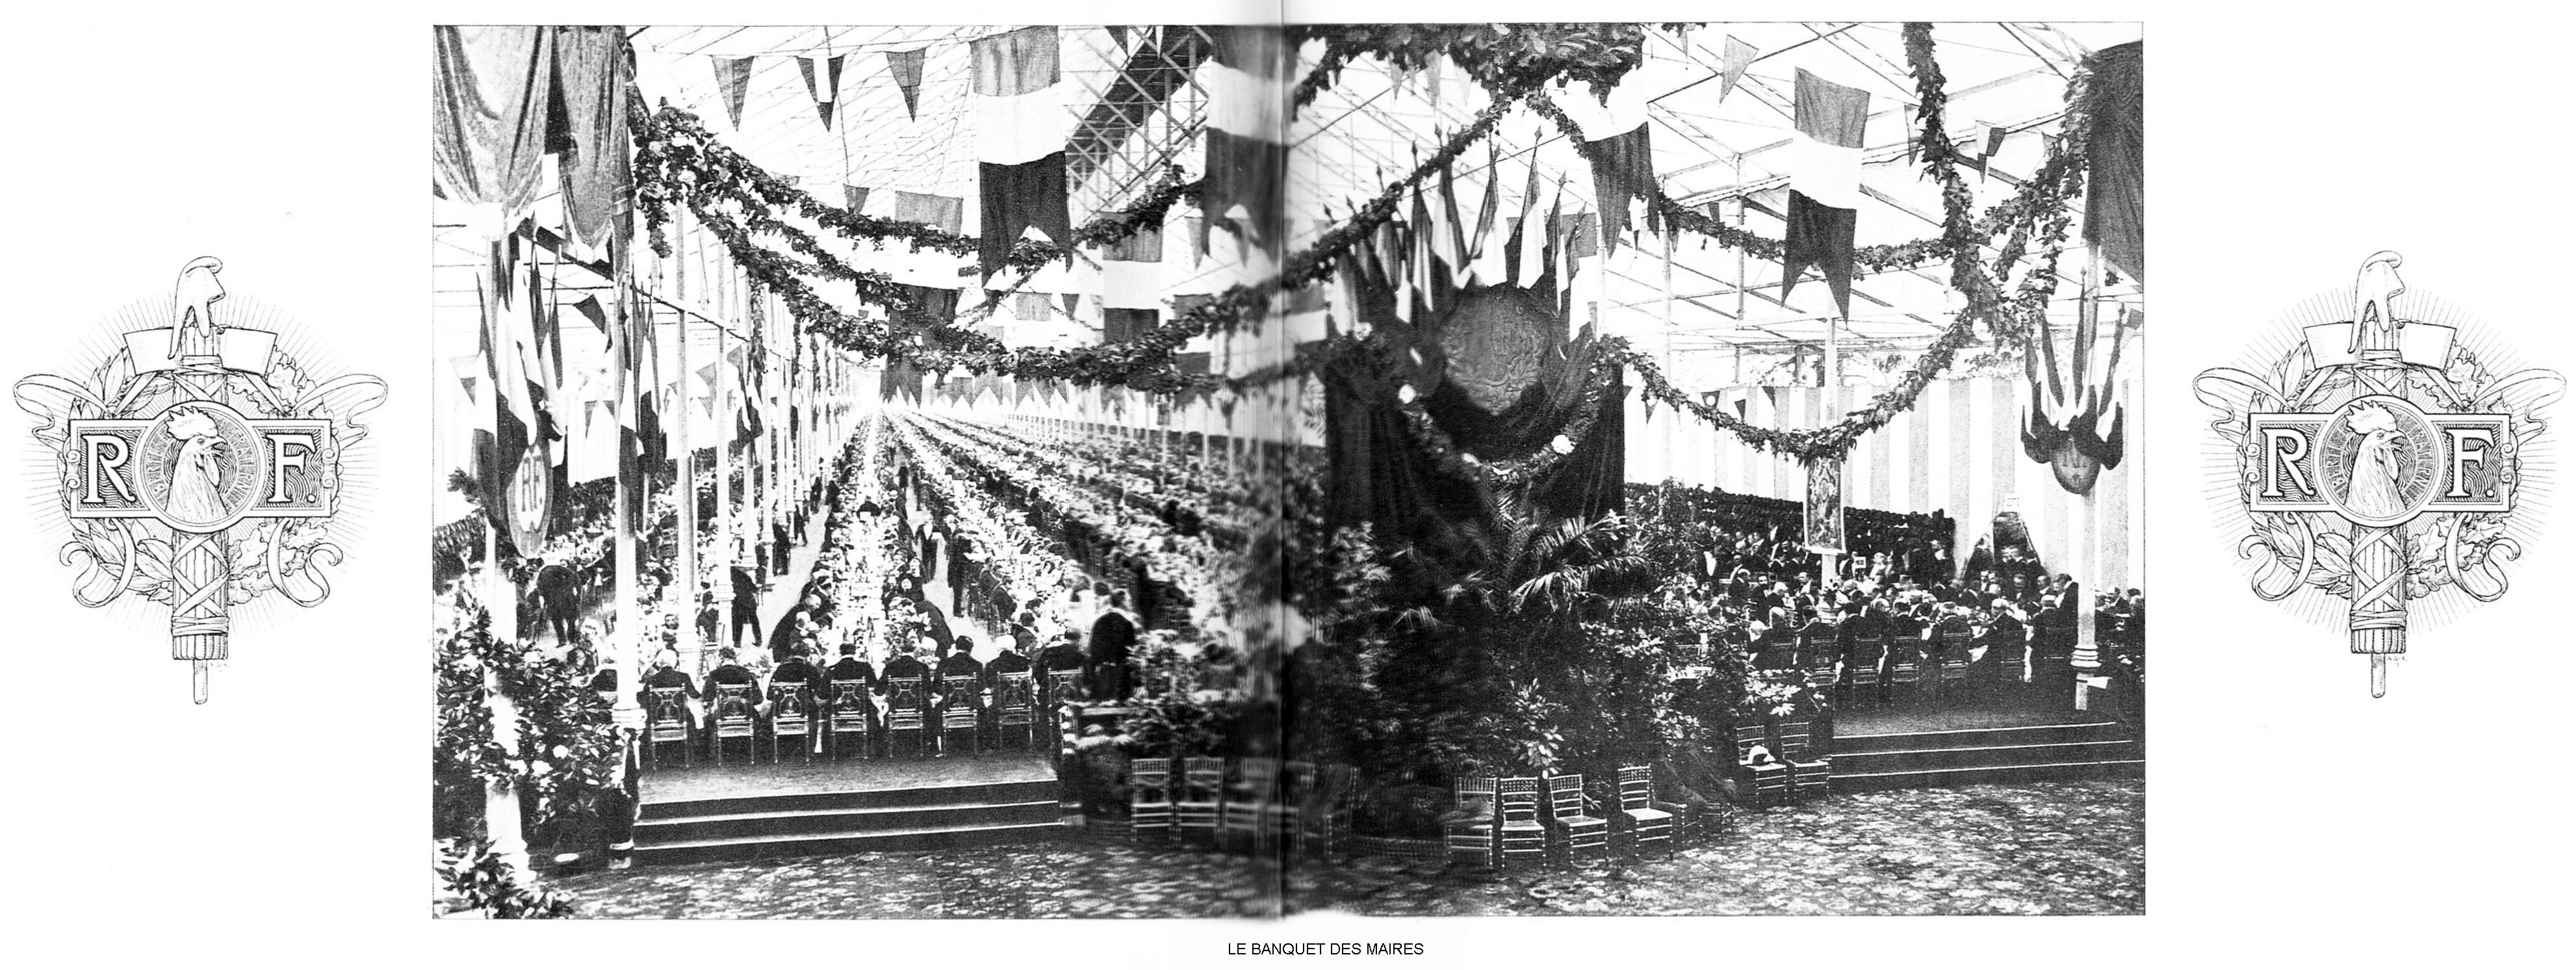 Ressources histoire exposition universelle 1900 le banquet des maires